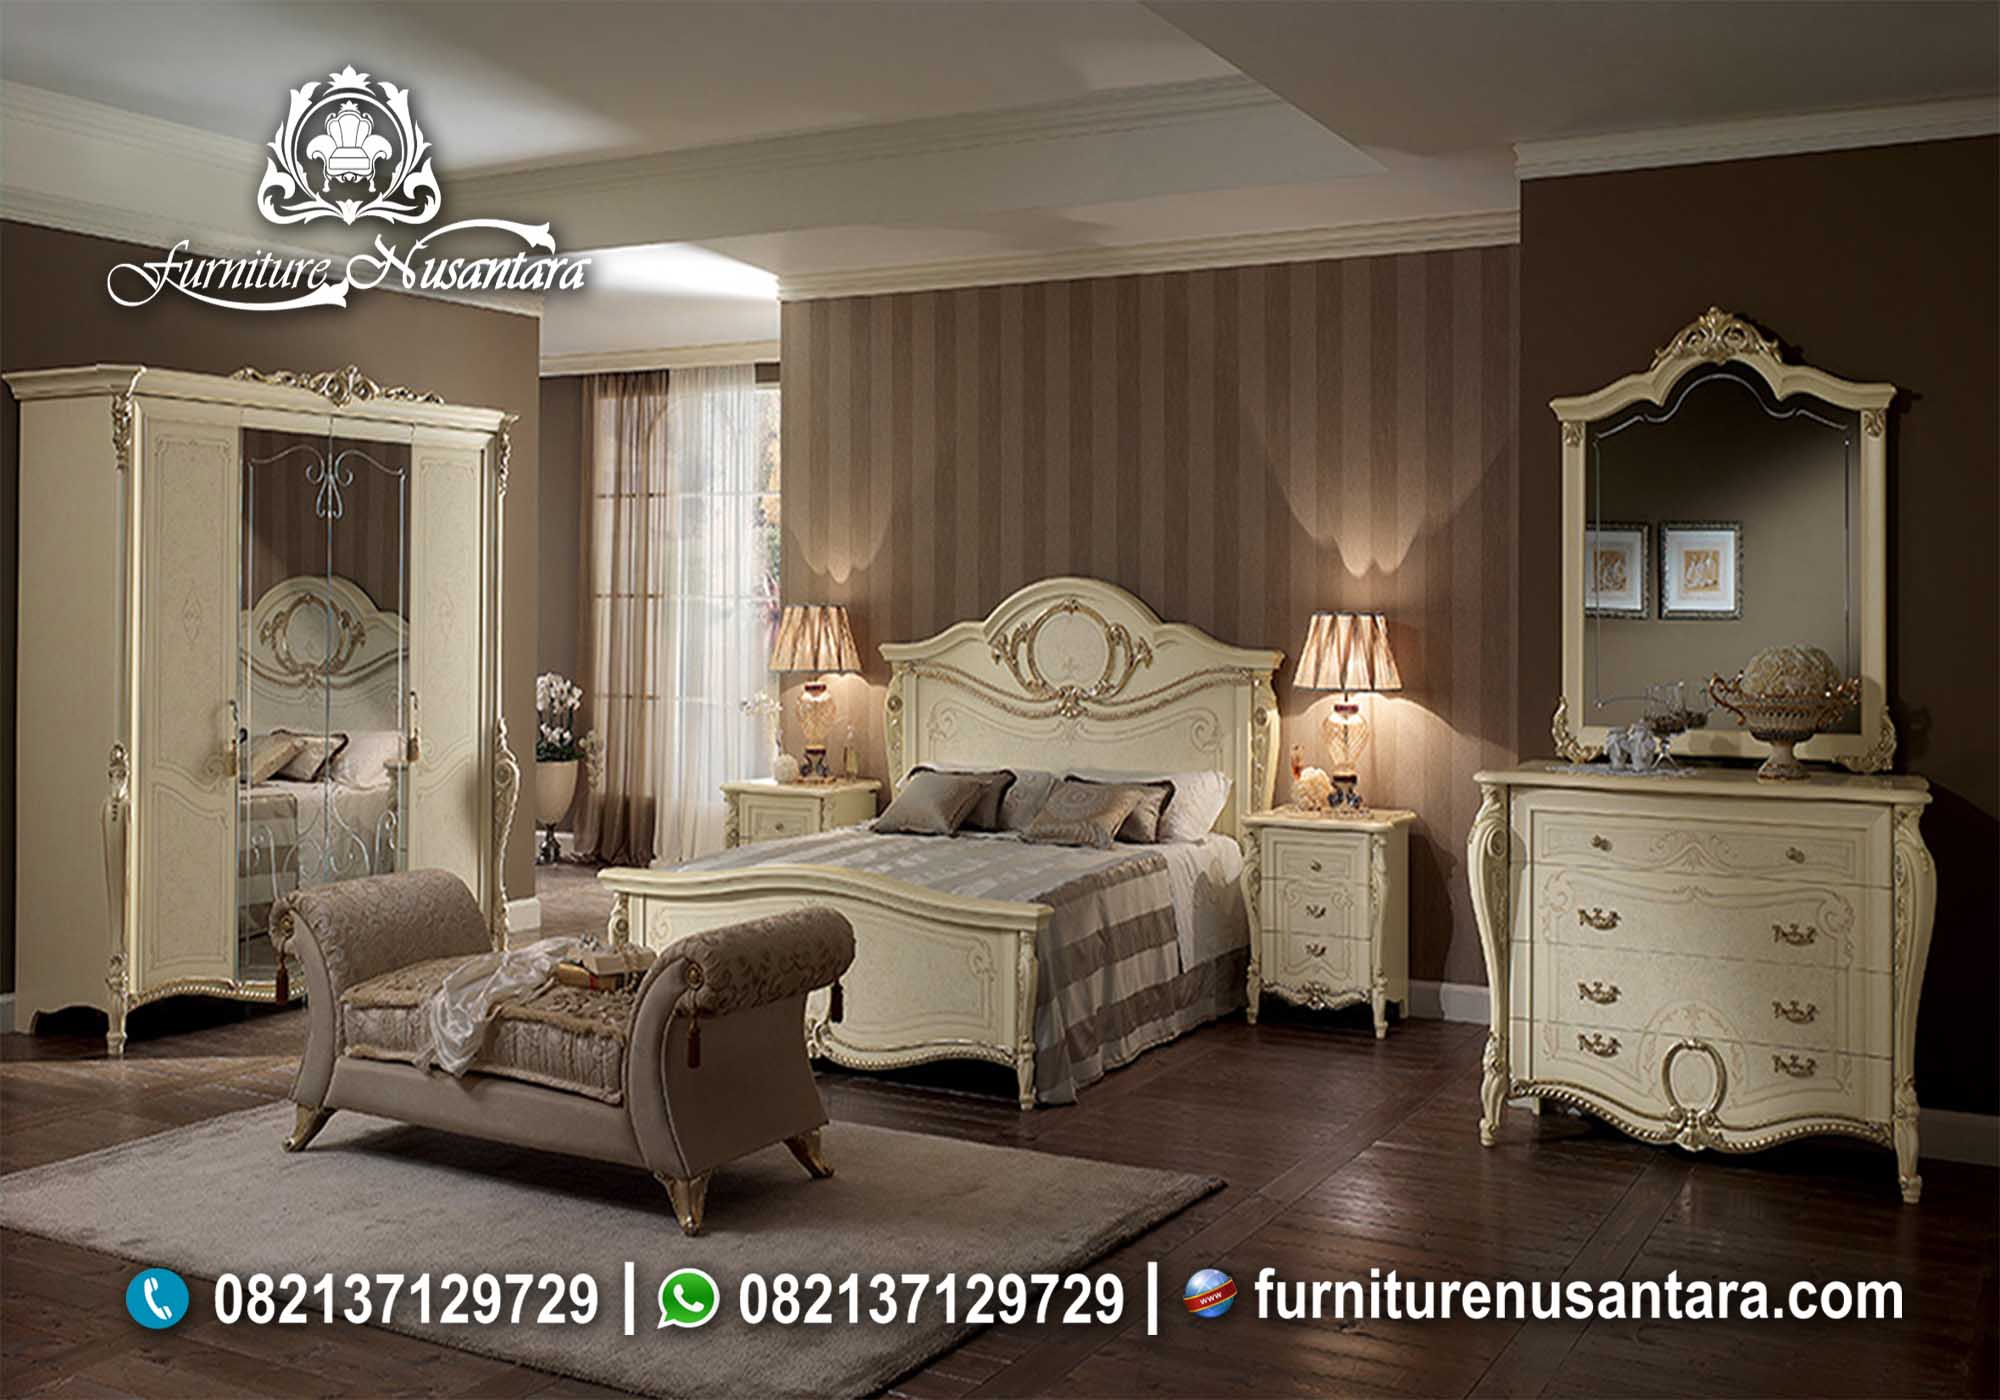 Desain Interior Kamar Terbaru KS-69, Furniture Nusantara